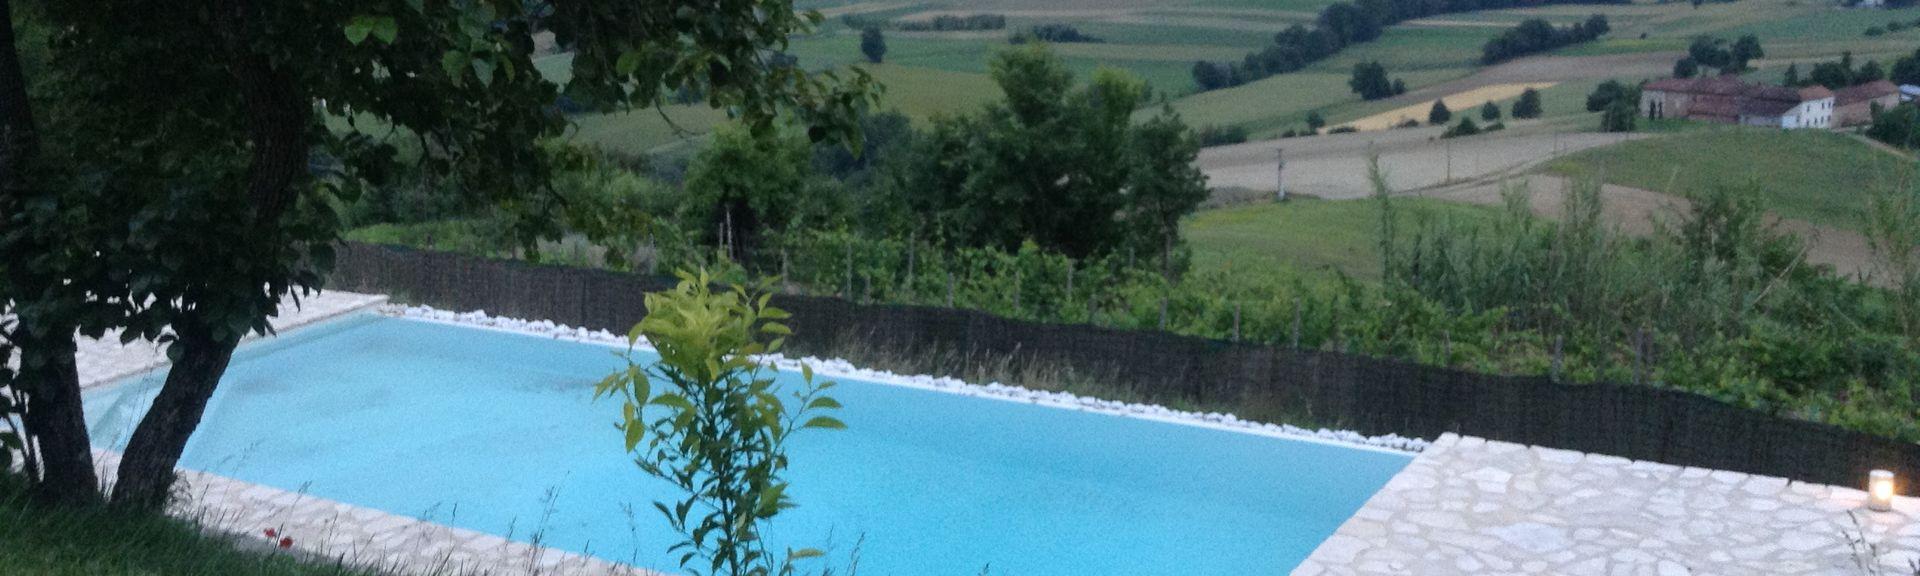 Cocconato, Piedmont, Italy